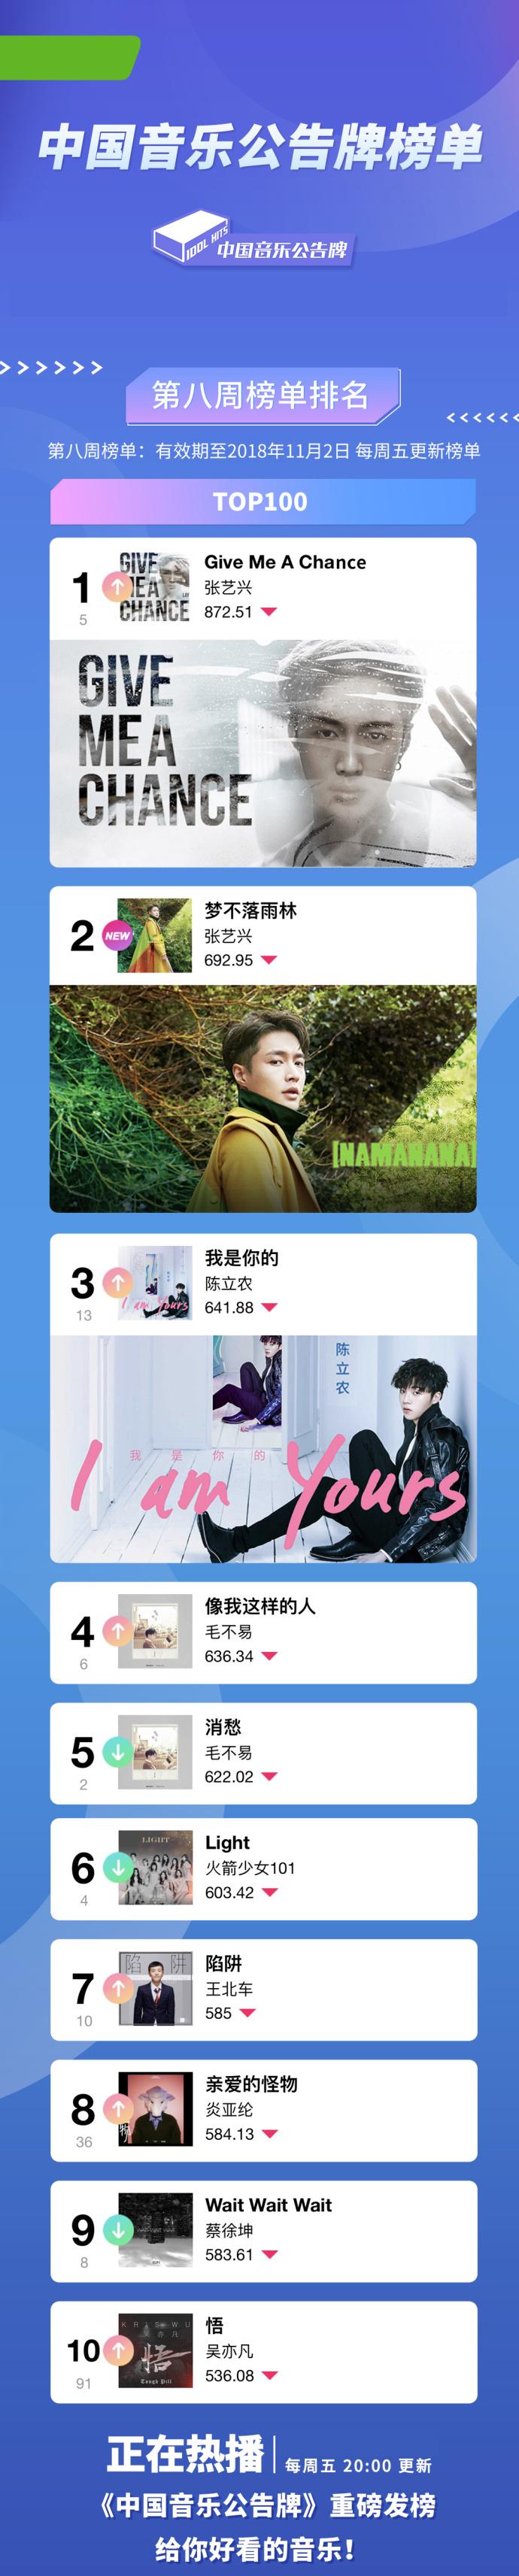 《中国音乐公告牌》张艺兴包揽冠亚军 22首新歌屠榜